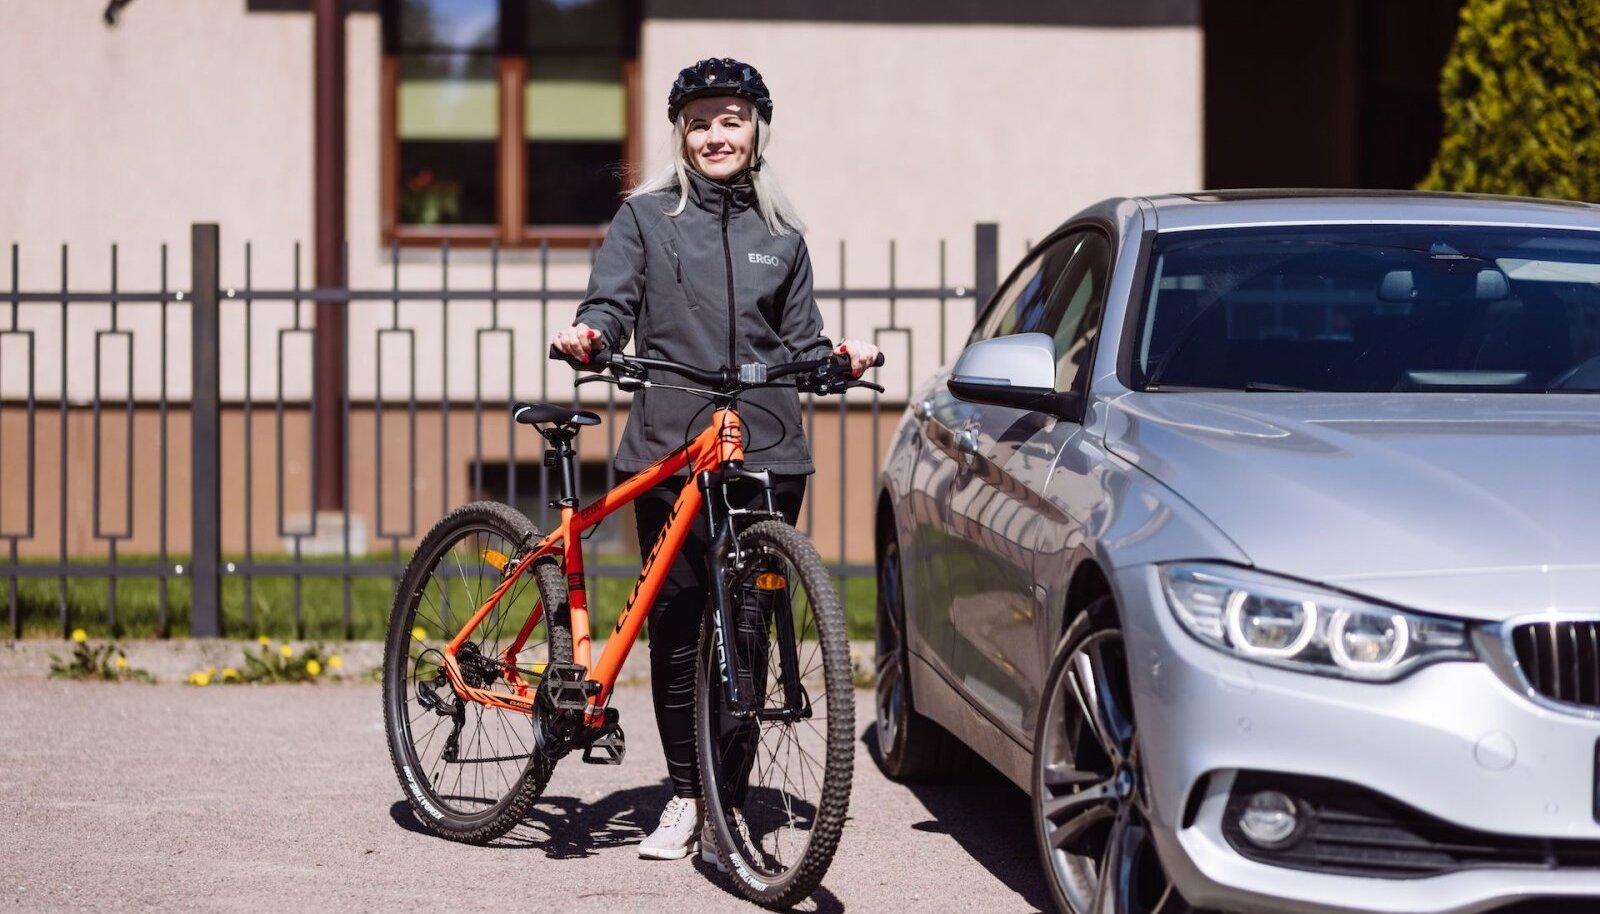 Möödunud suvel valis iga viies ERGO klient asendusauto asemel jalgratta